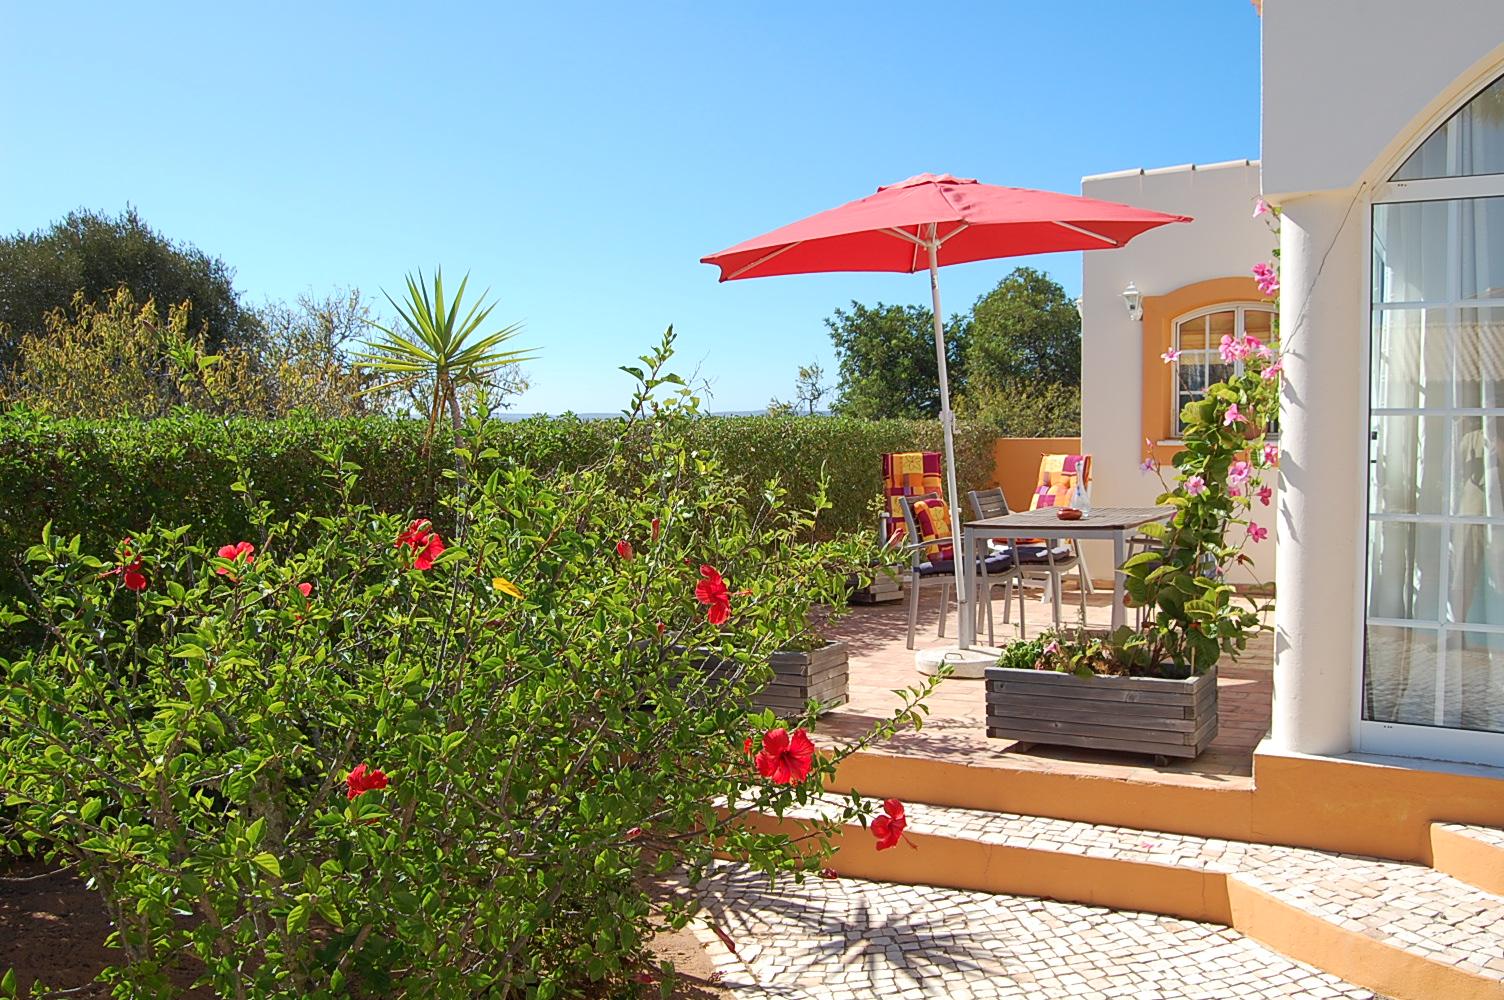 Ferienhaus Bungalow, im schönen Garten ein Pool auch für die 2 Wohnungen, sehr ruhiger Ort (2377732), Luz, , Algarve, Portugal, Bild 9